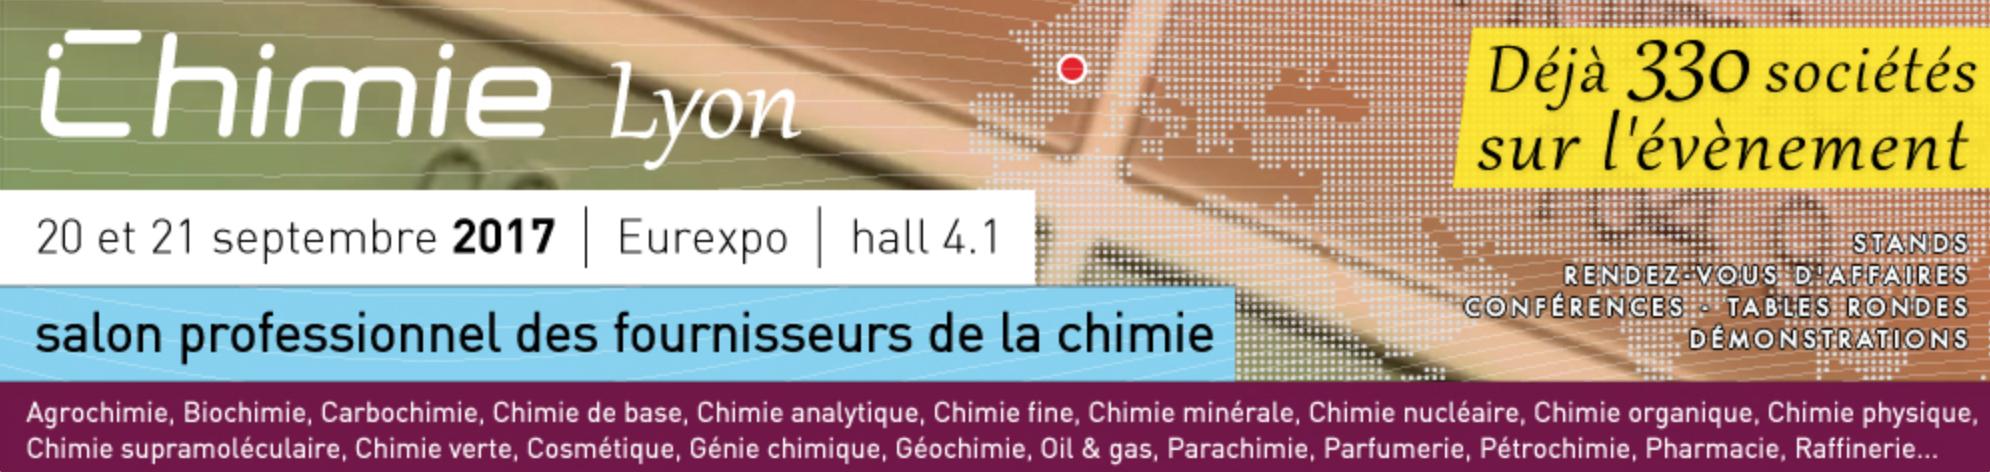 INTERSAFE au Salon Chimie Lyon les 20 & 21 septembre 2017